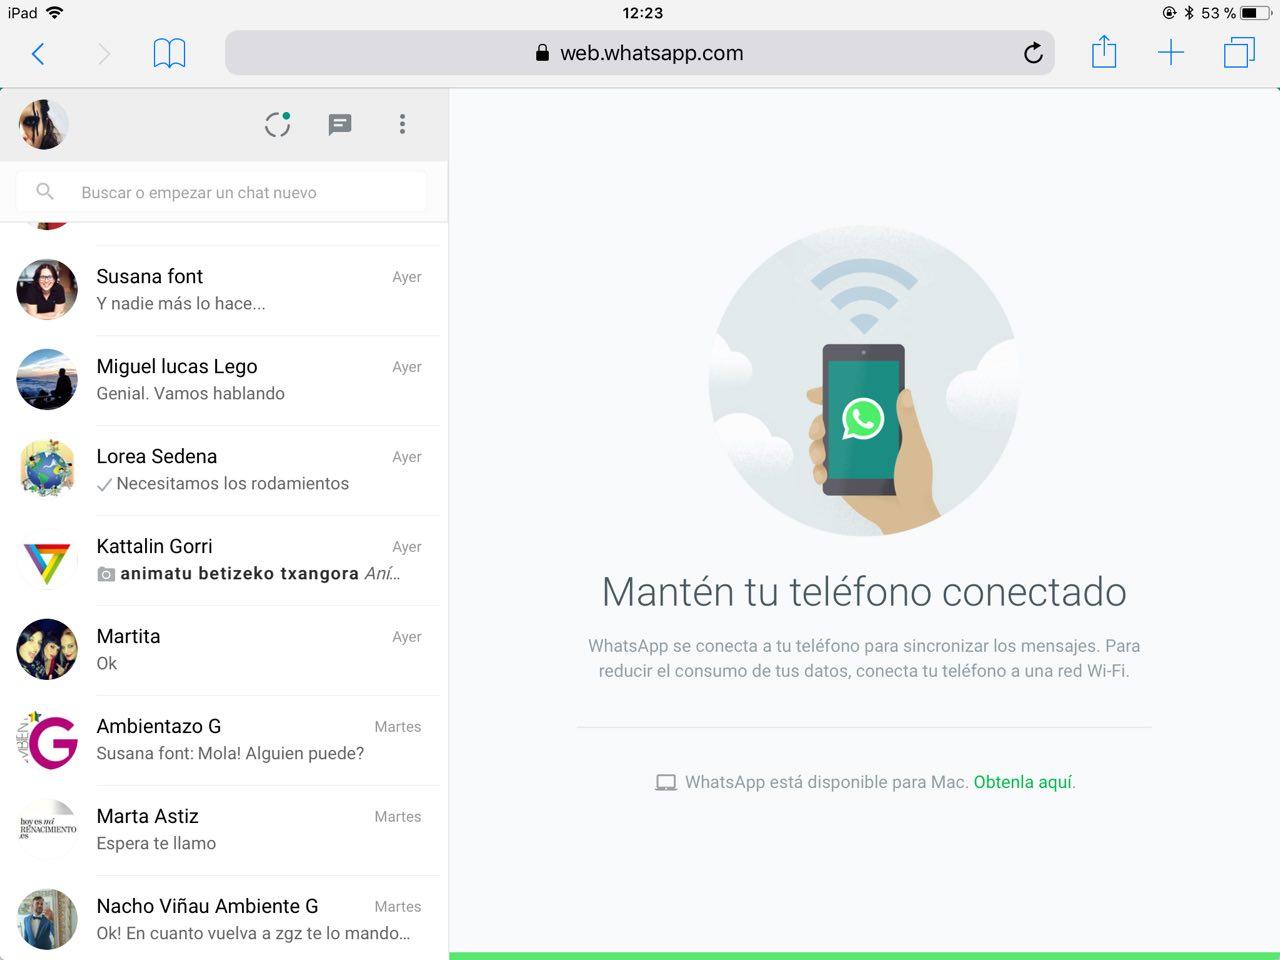 Come scaricare e installare WhastApp su iPad Step by Step 2